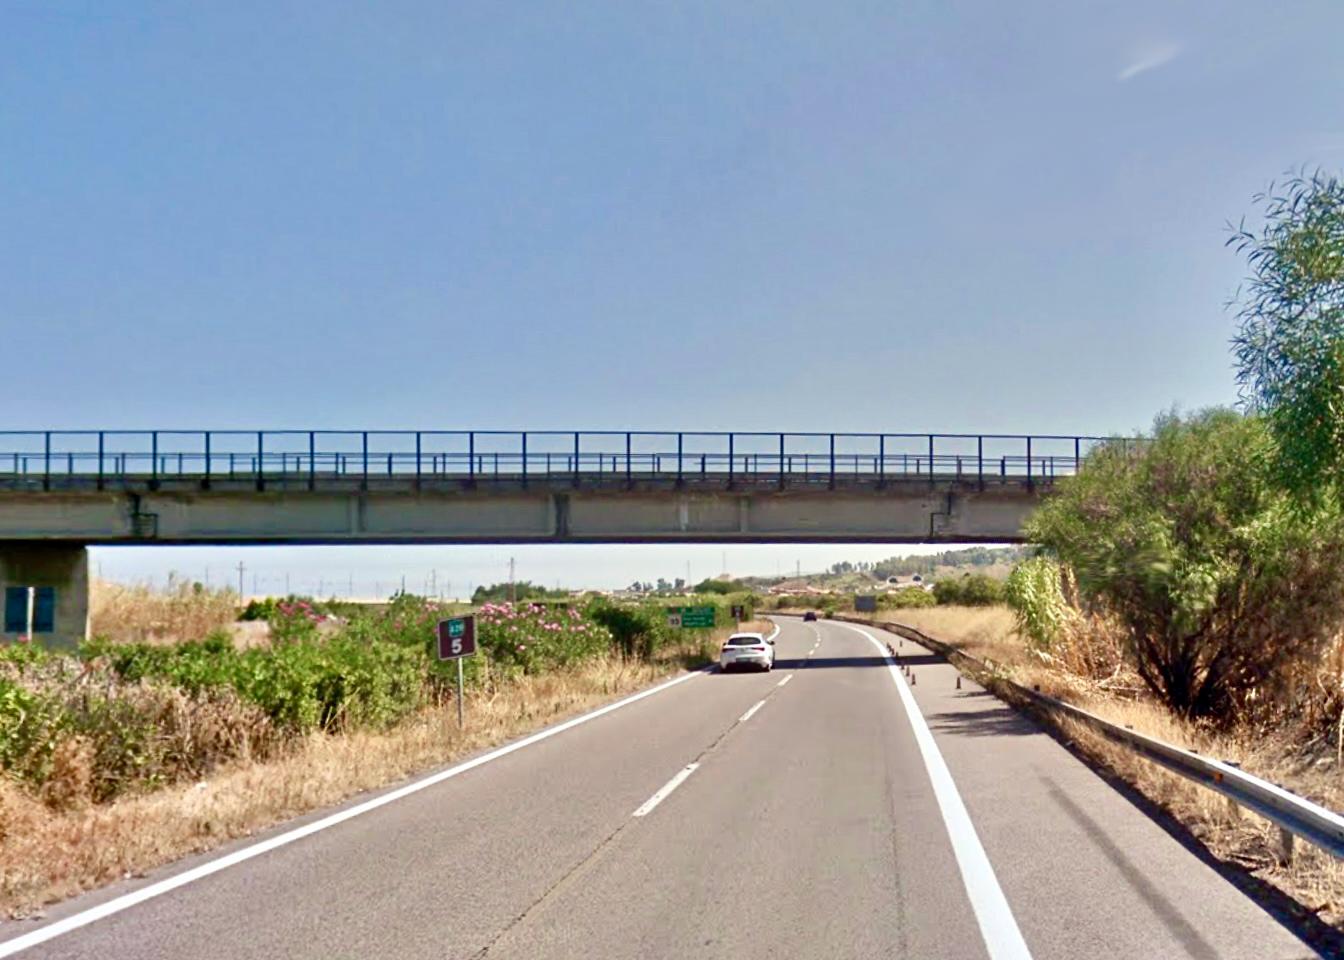 Autostrada A20: a partire da oggi la demolizione del cavalcavia di Venetico. INFO VIABILITÀ